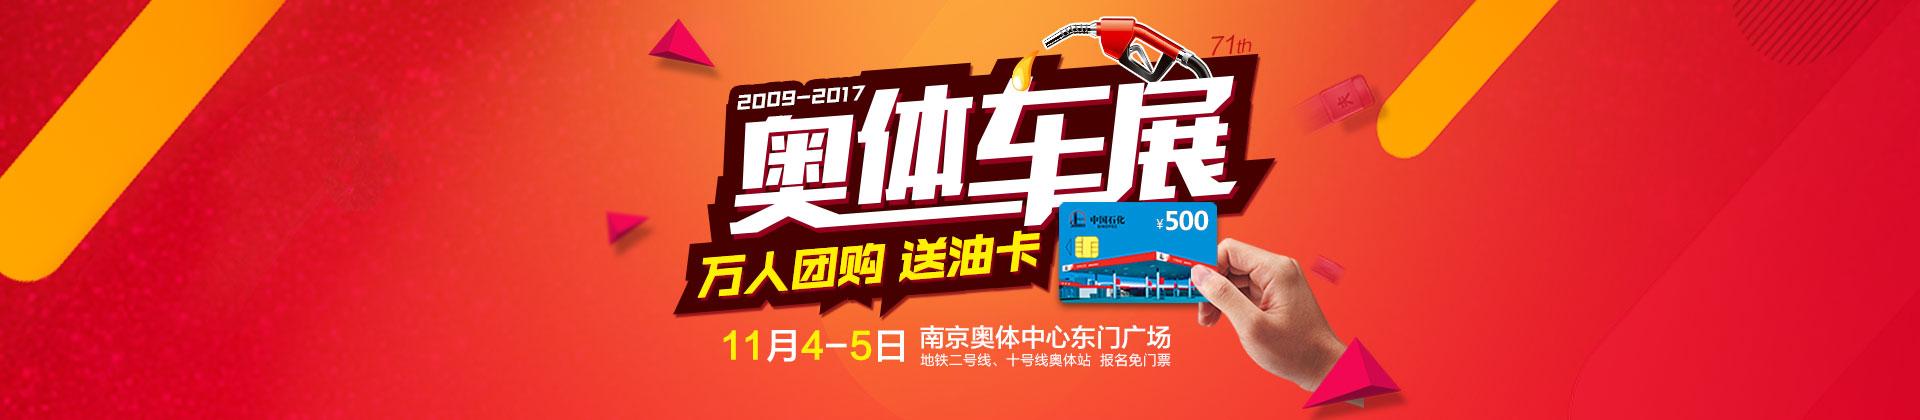 [南京车展]南京车博会7.24日开幕